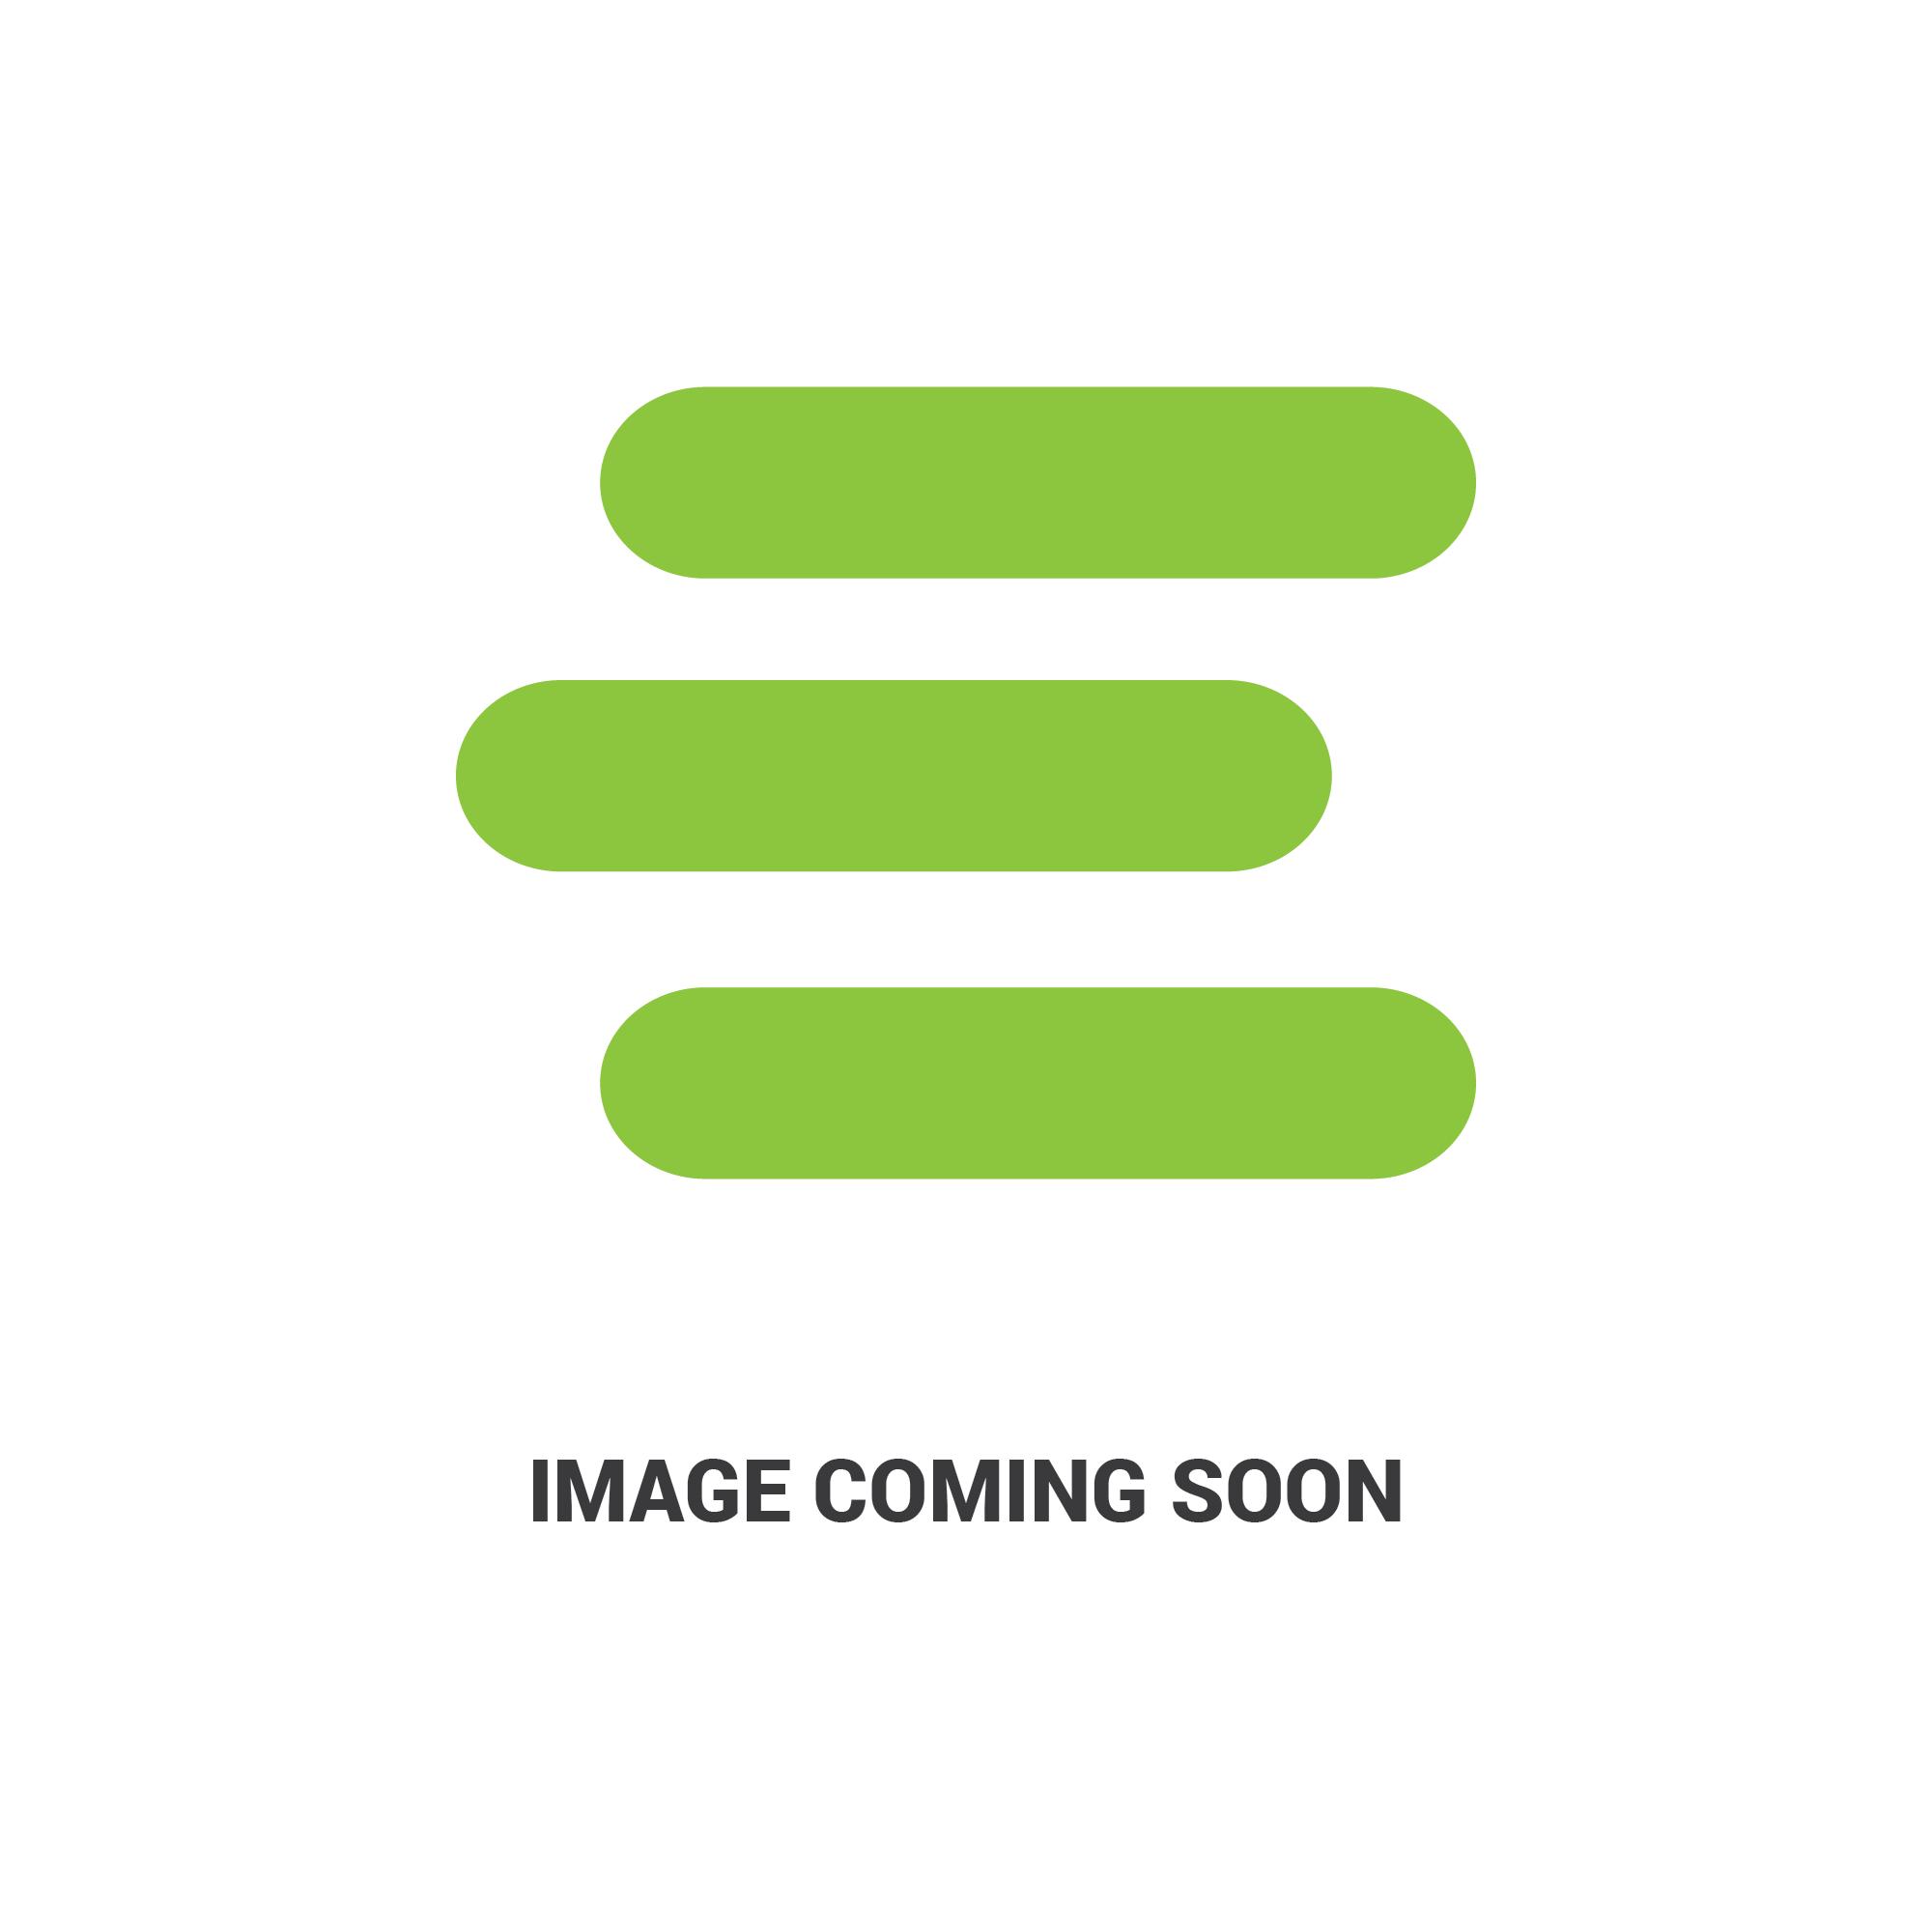 E-AM1420941757_1.jpg